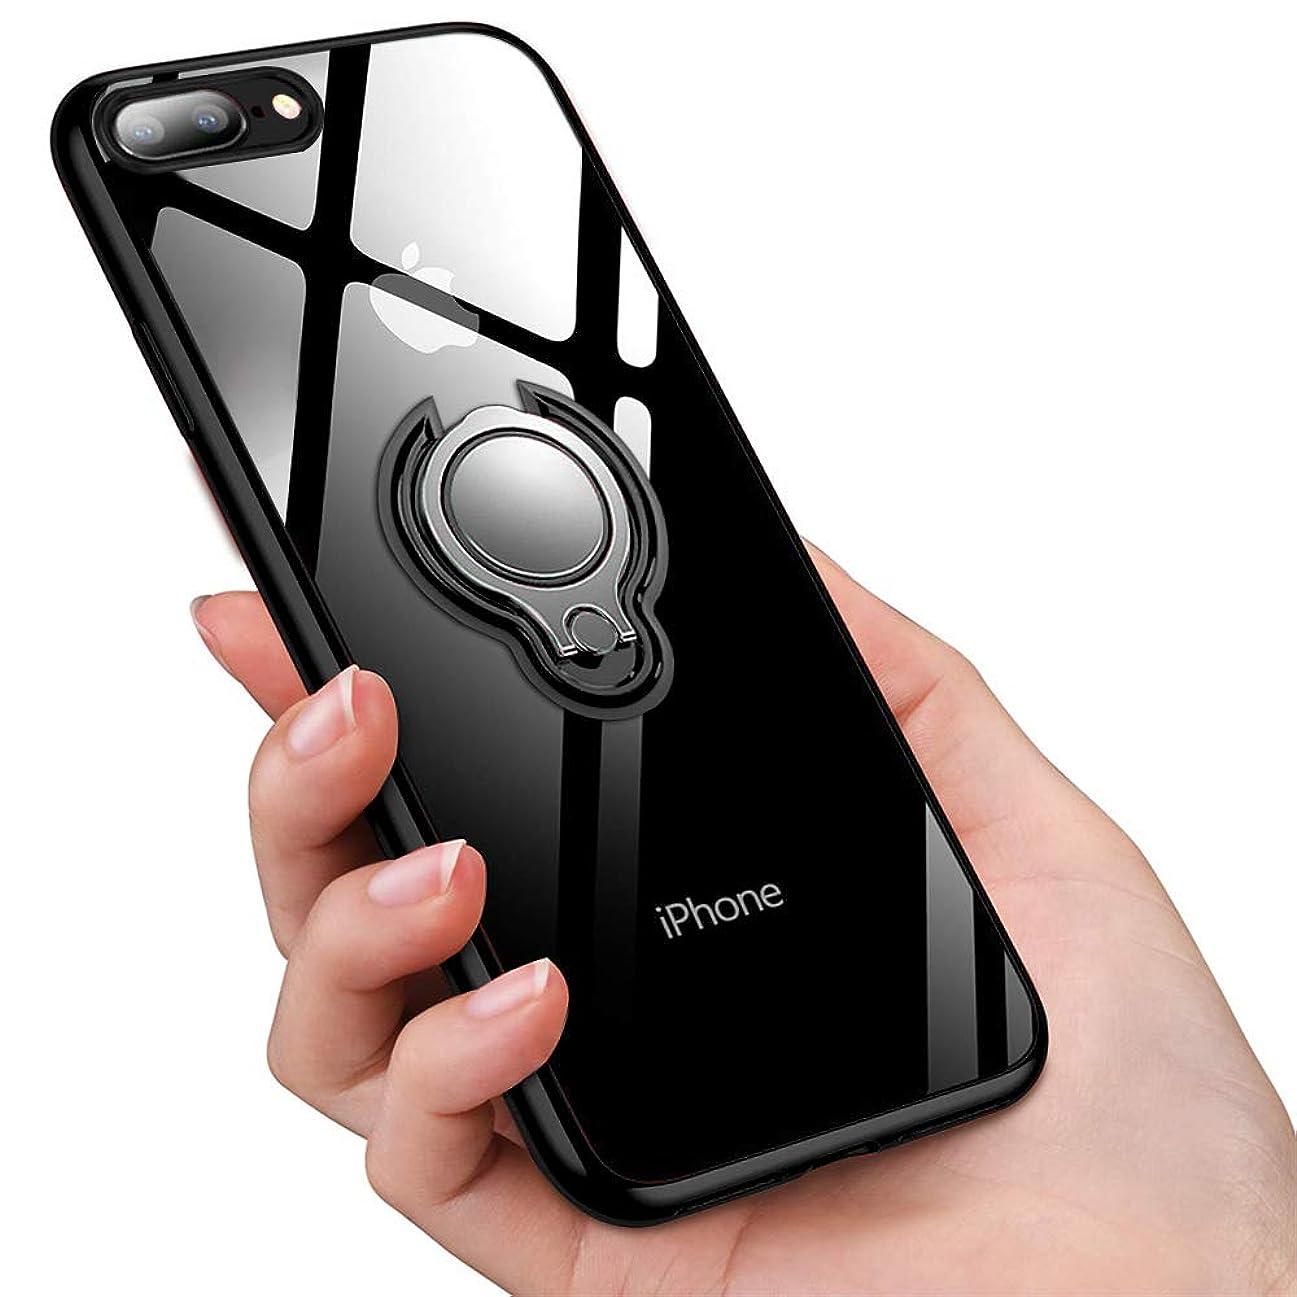 彼らは解明するパラシュートiPhone8 Plus ケース / iPhone7 Plus ケース リング付き 透明 TPU 耐衝撃 クリア 軽量 薄型 擦り傷防止 磁気カーマウントホルダー車載ホルダー対応 全面保護 滑り防止 一体型 人気 防塵 携帯カバー高級感 オシャレ ストラップホール付き (ブラック)